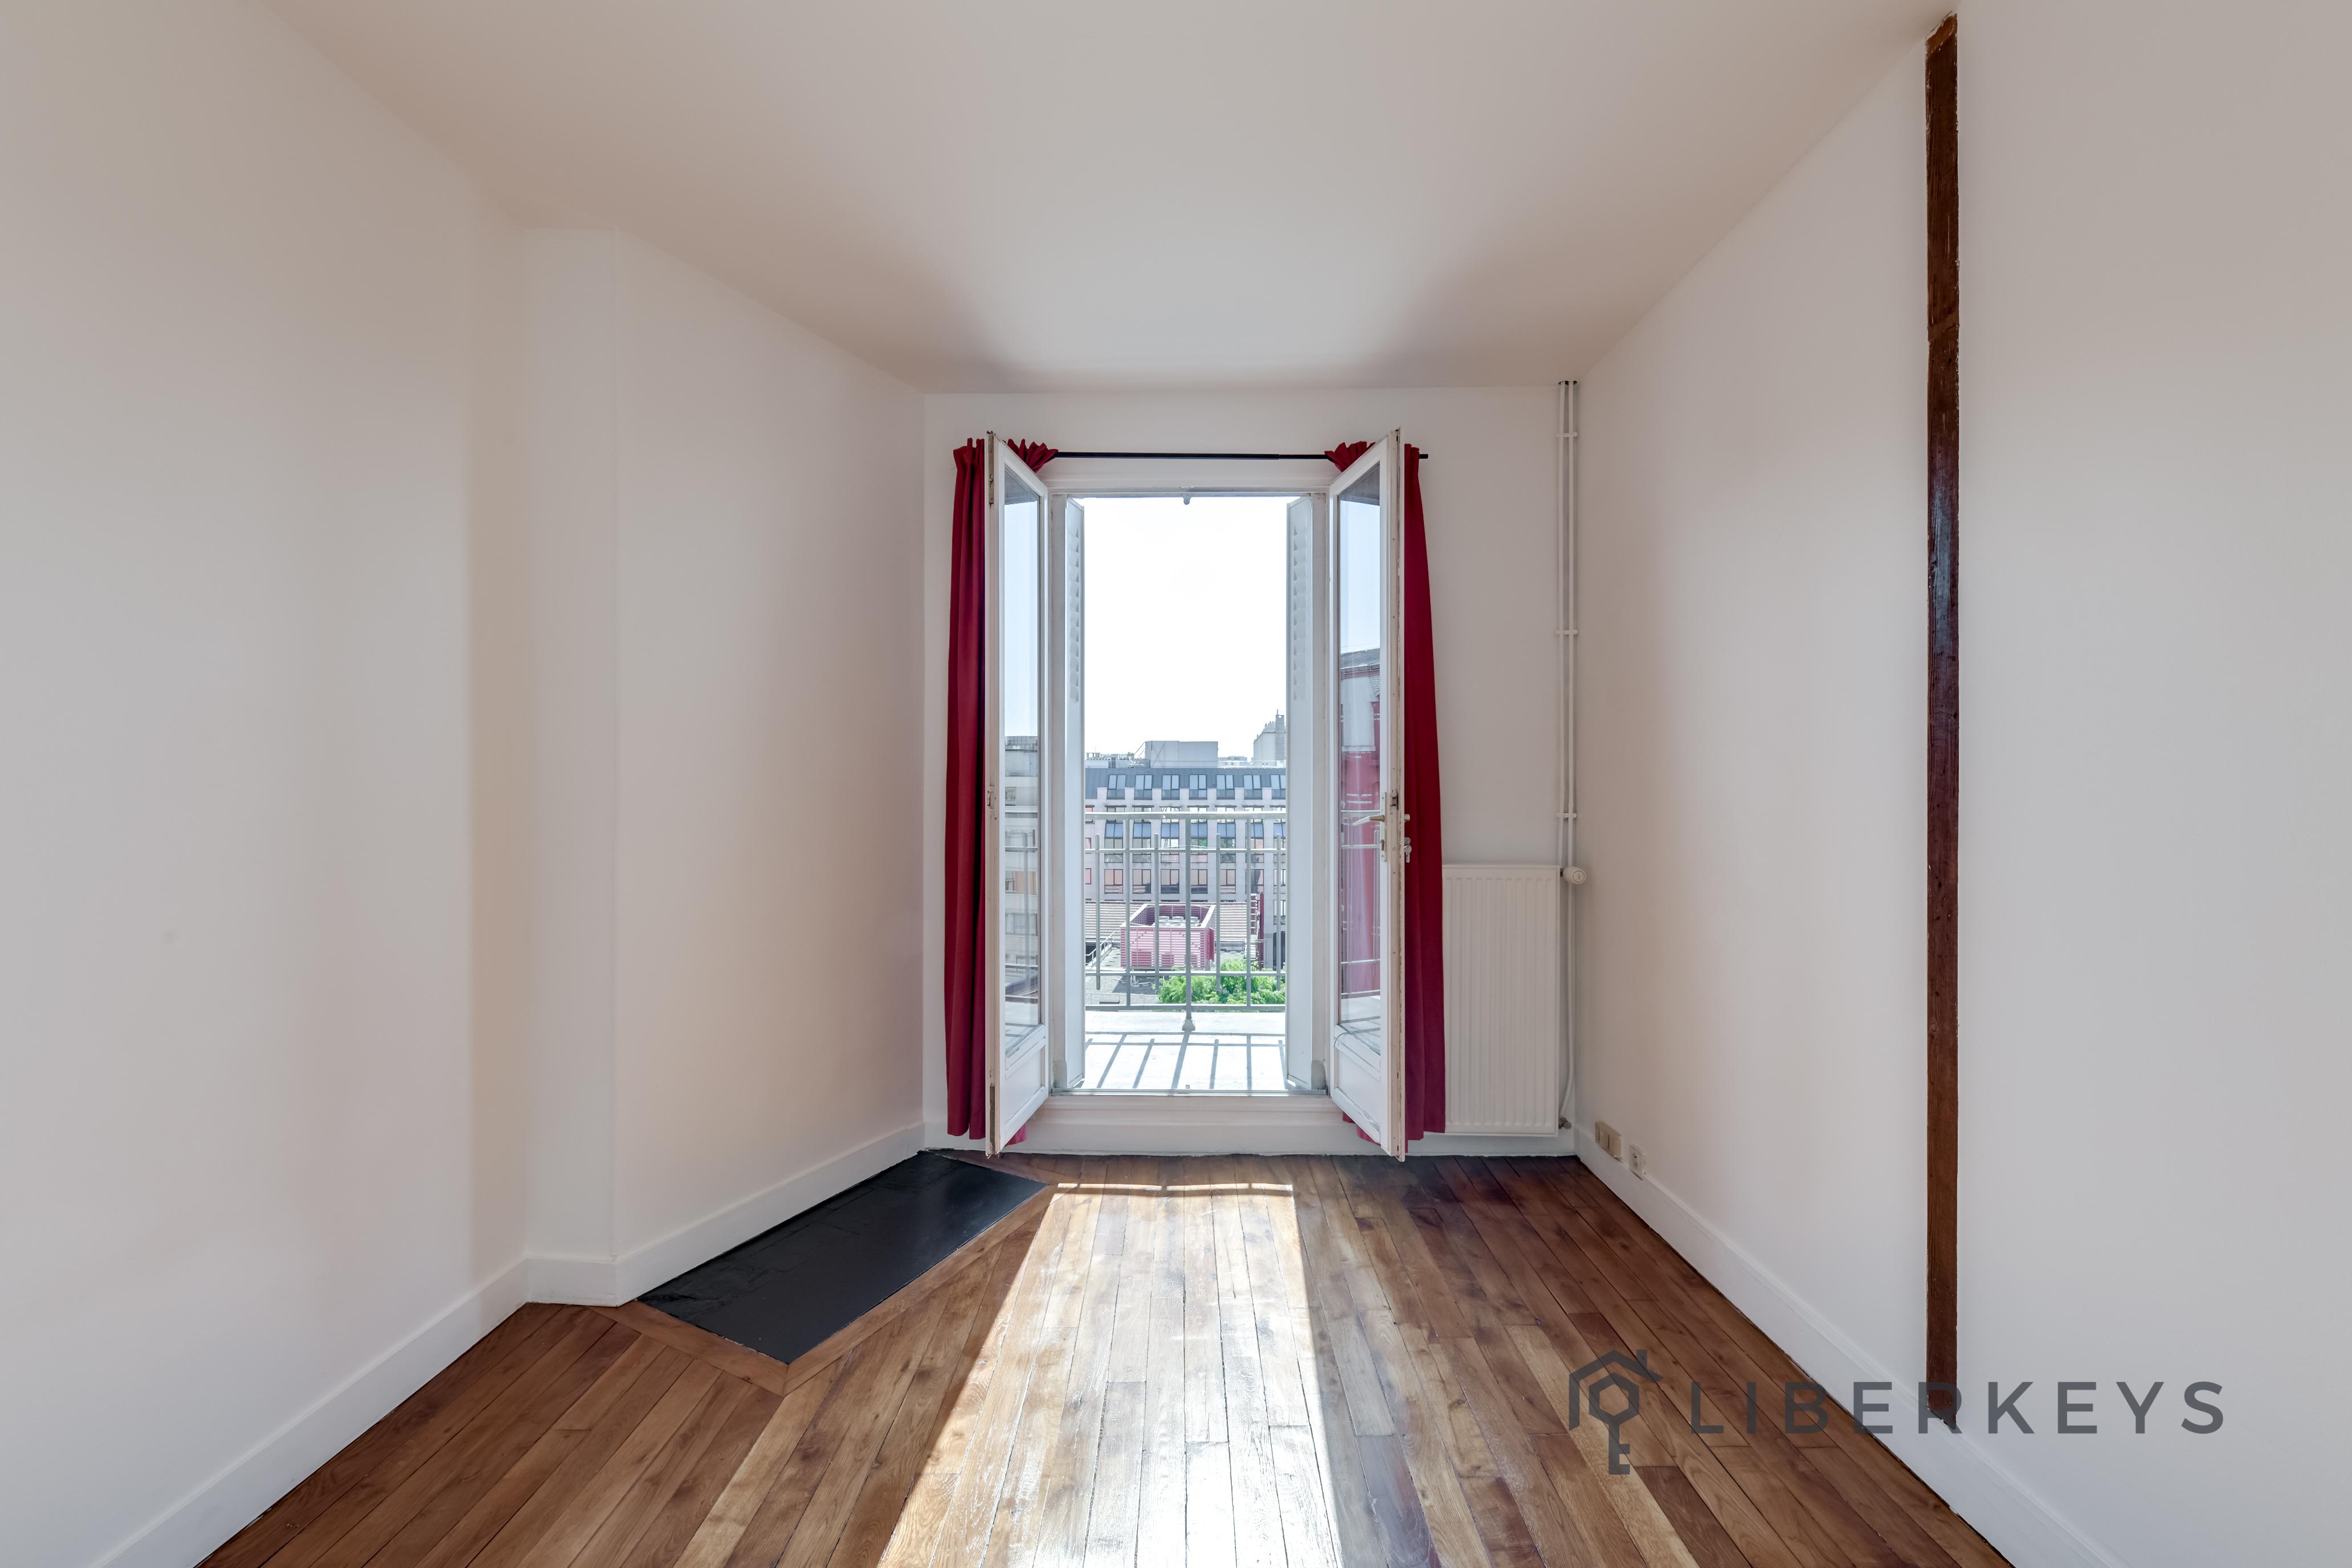 Vente Appartement 2 Pieces 32m 92300 Levallois Perret Liberkeys